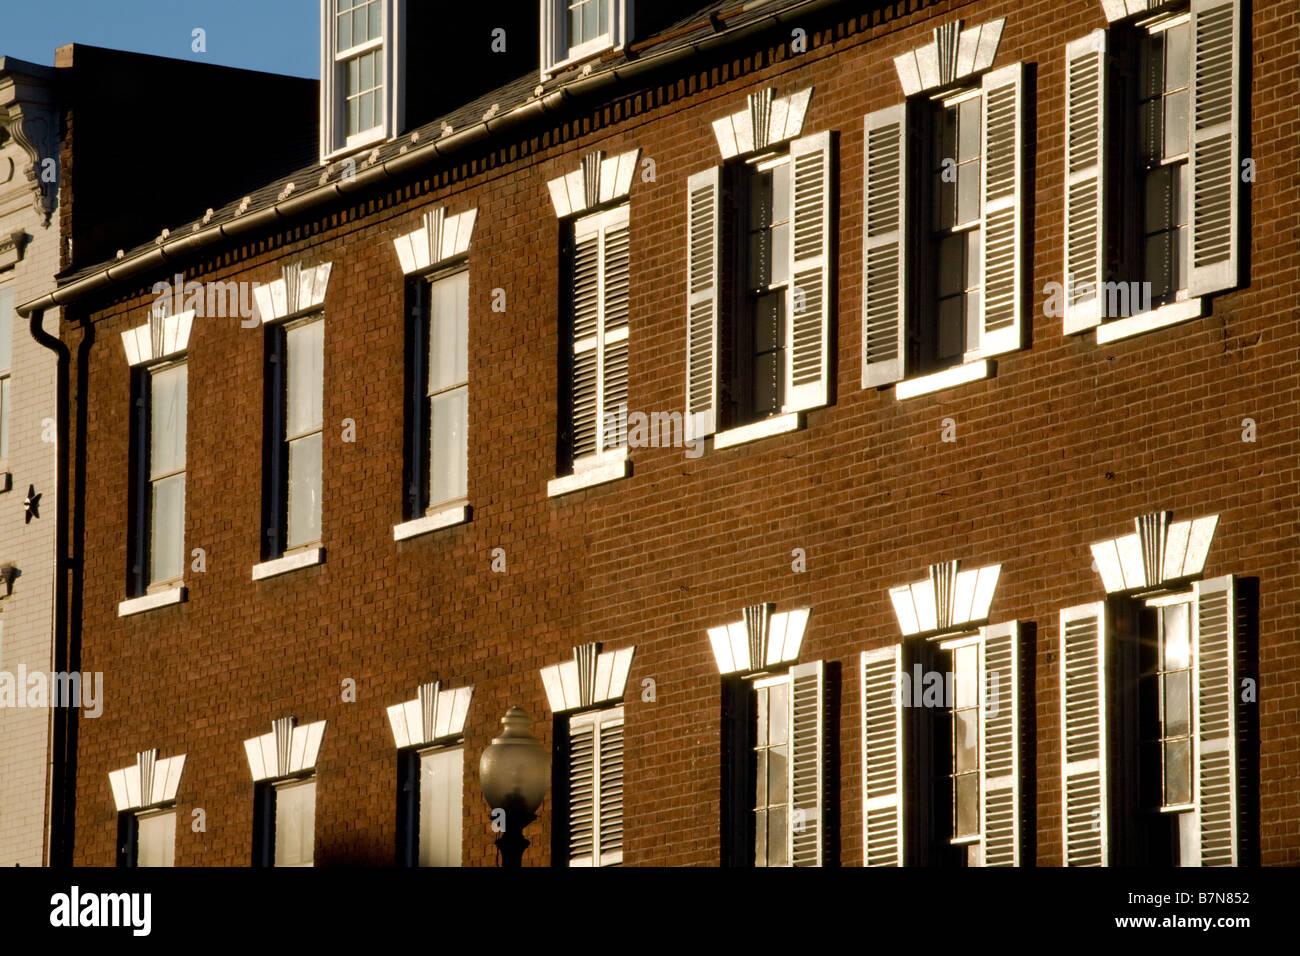 Arquitectura M Street Georgetown, Washington D.C. Imagen De Stock